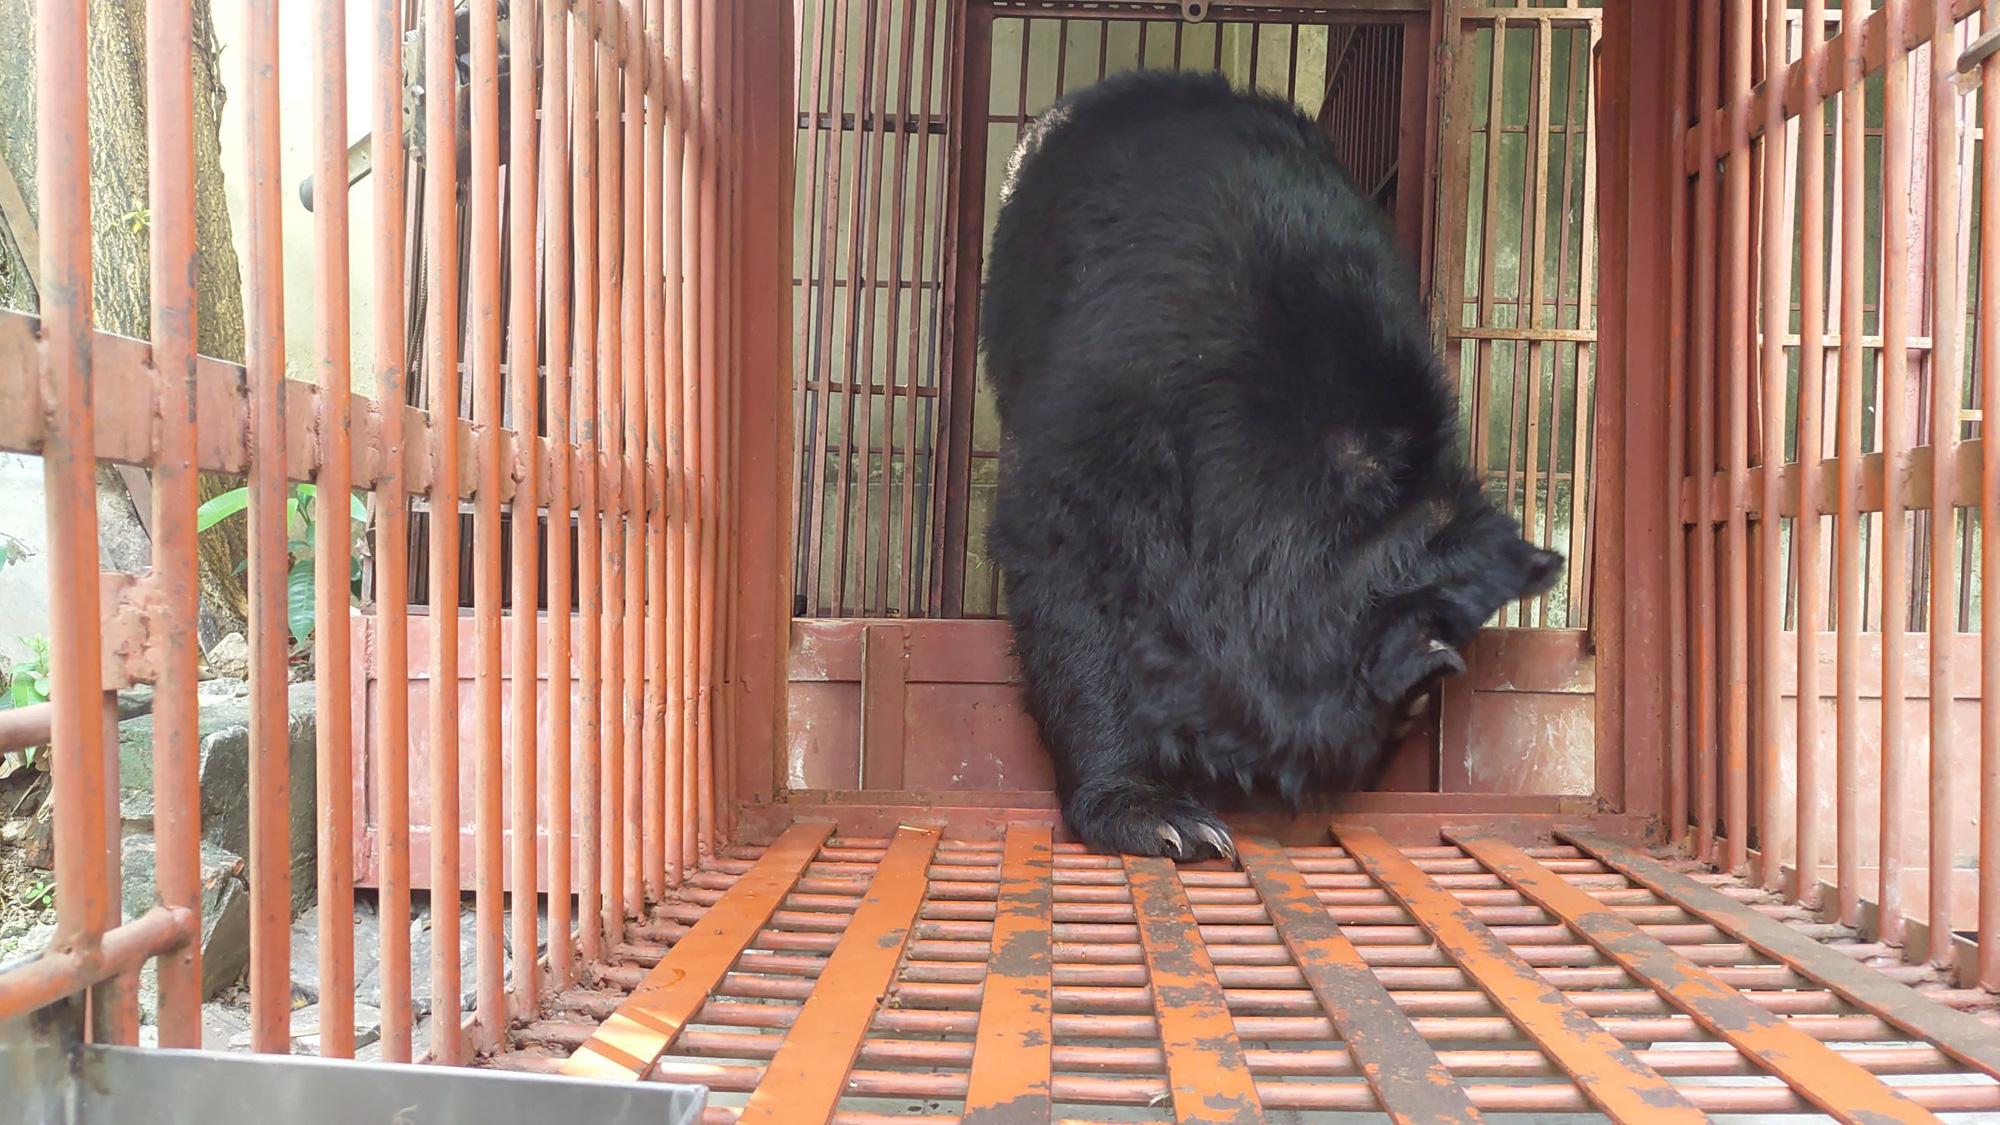 Trường Xiếc Hà Nội chuyển giao một cá thể gấu ngựa cho Tổ chức Động vật châu Á - Ảnh 2.